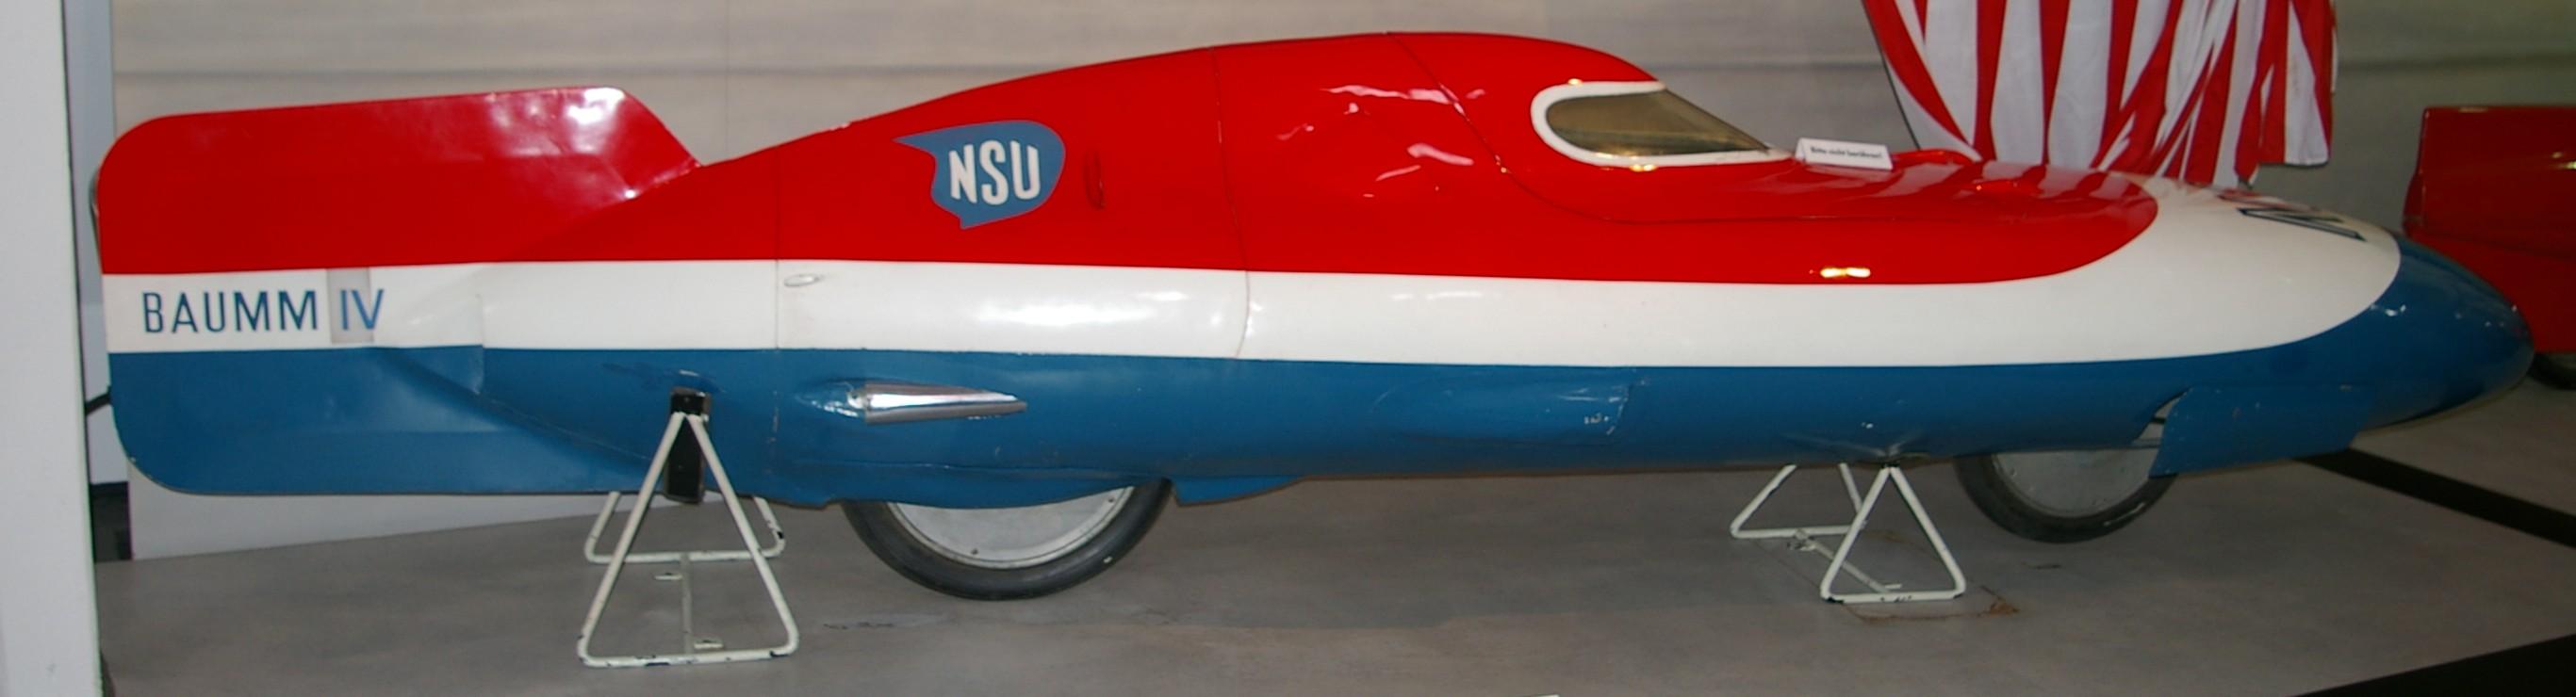 NSU u201eBaumm IVu201c Rekord-Fahrzeug von 1954 im Zweirad-Museum Neckarsulm